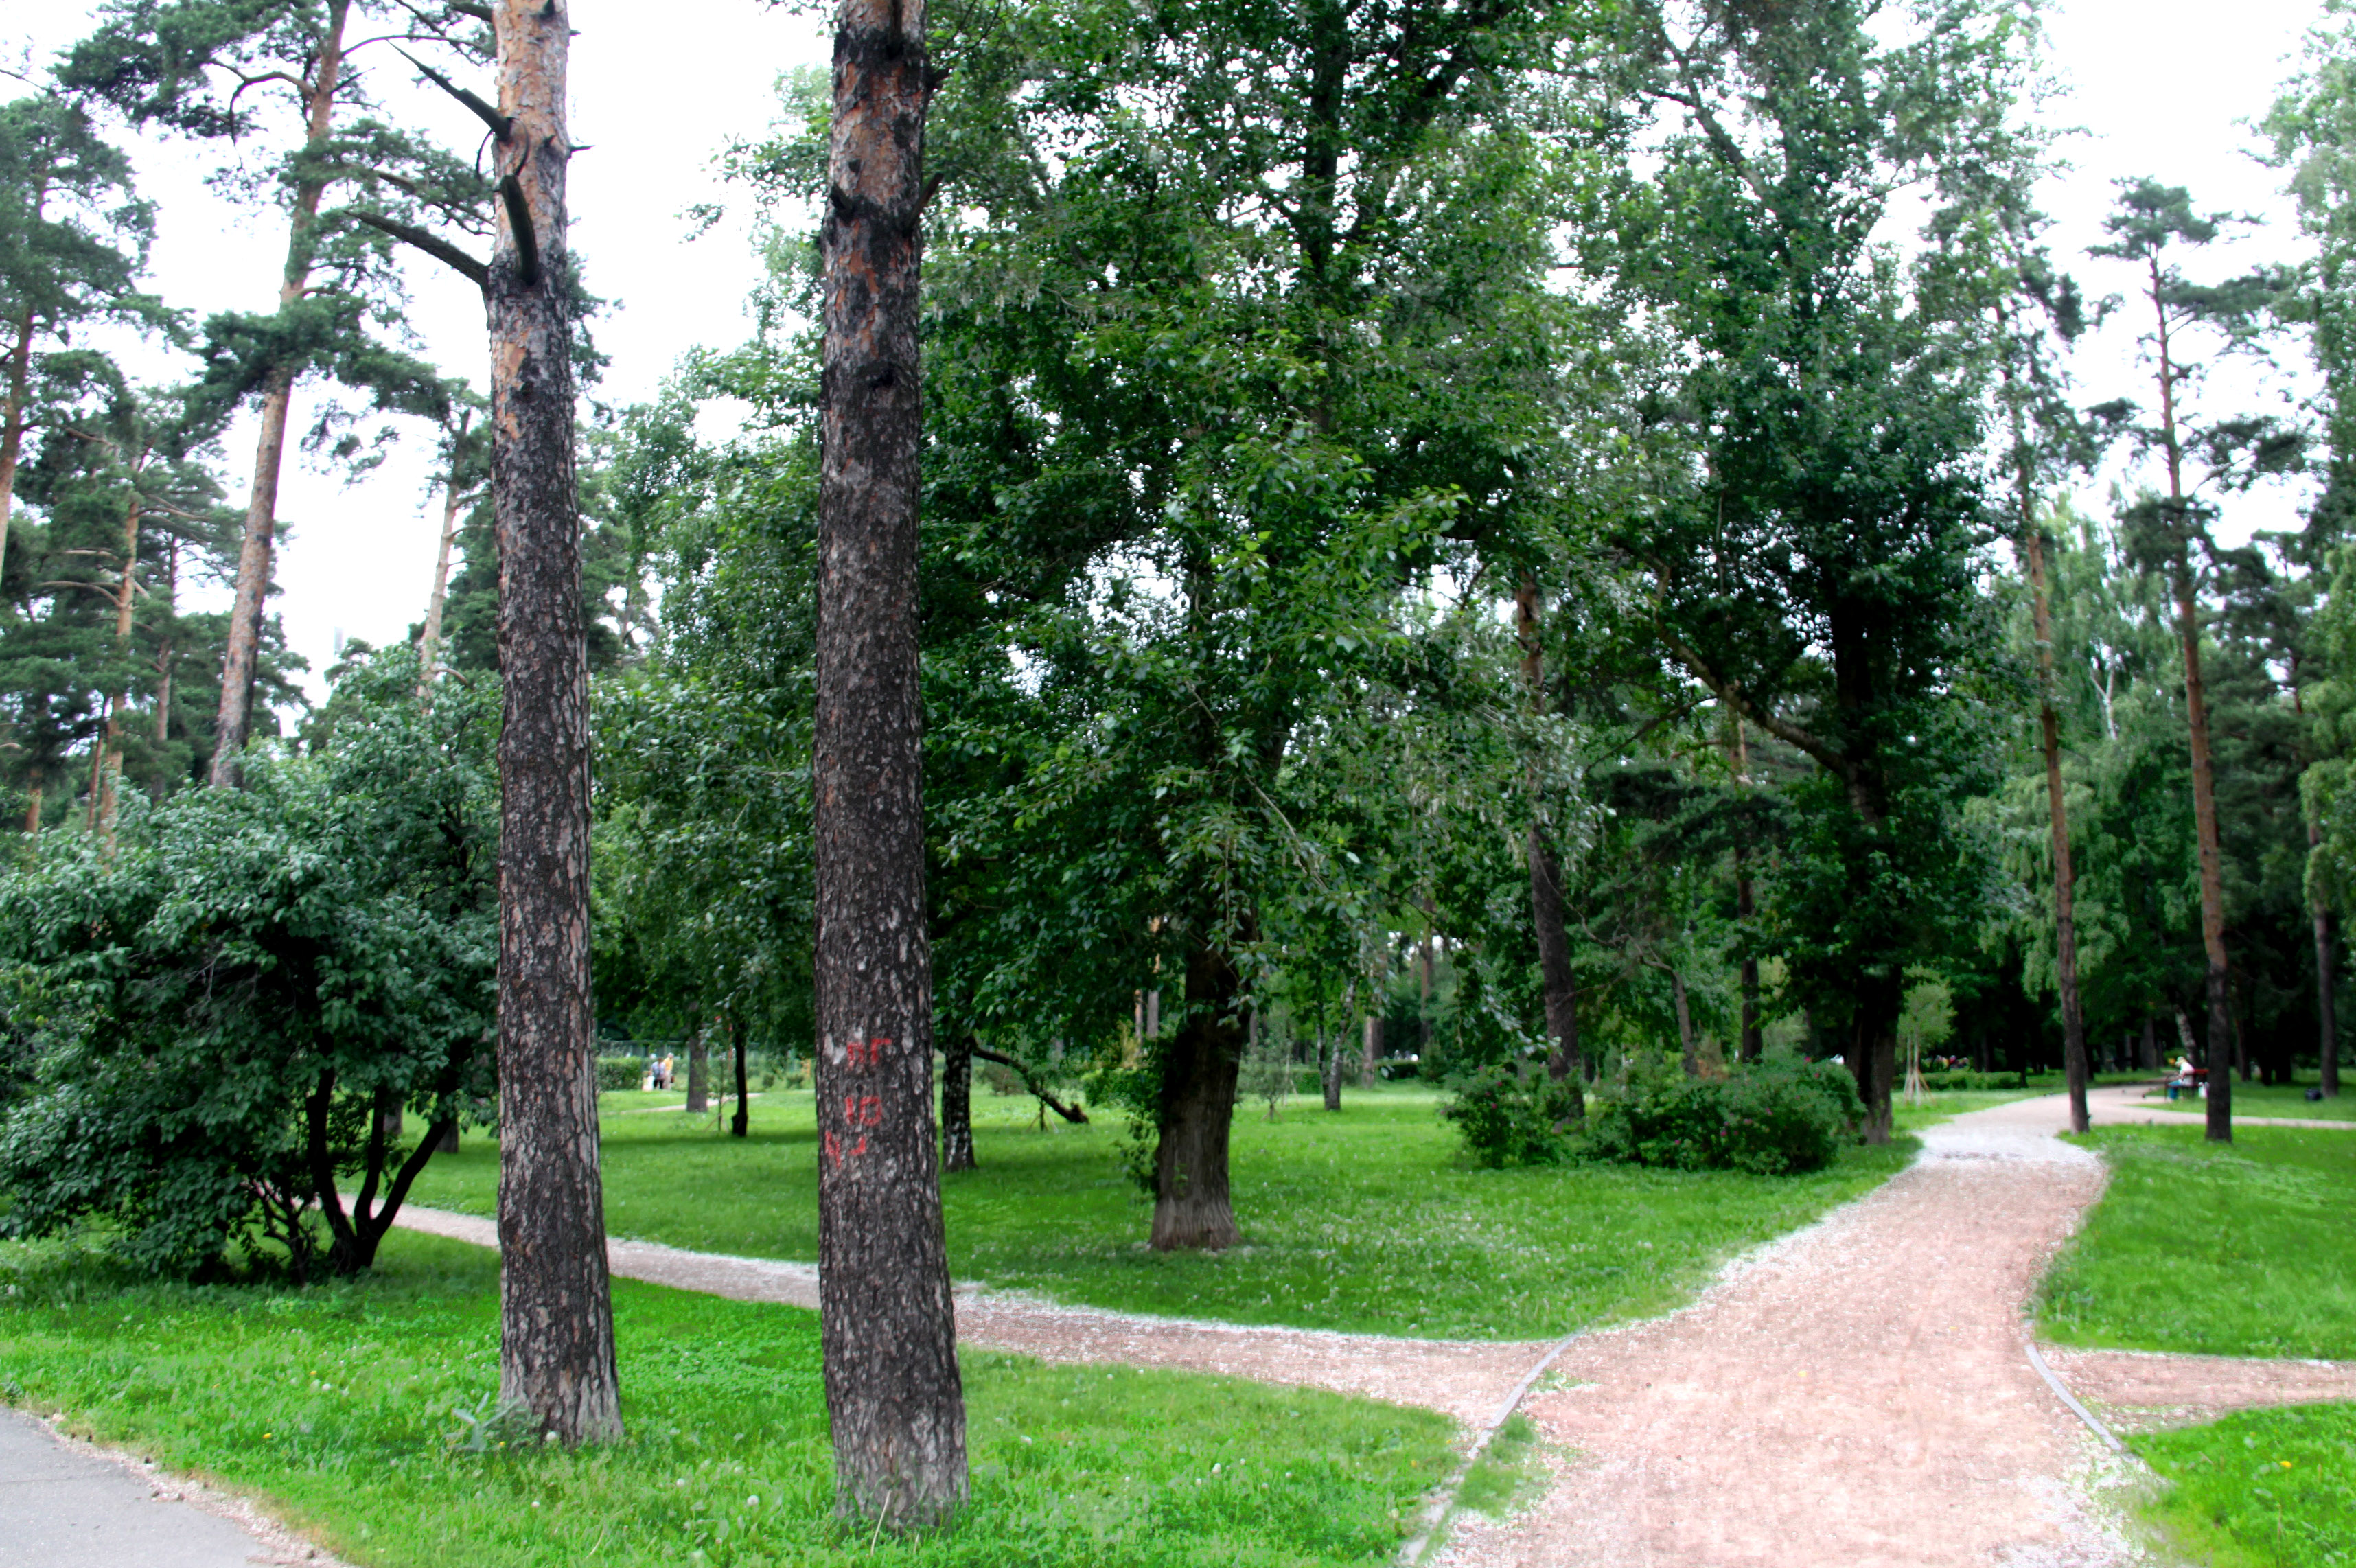 москва парк сосенки фото работах присутствует